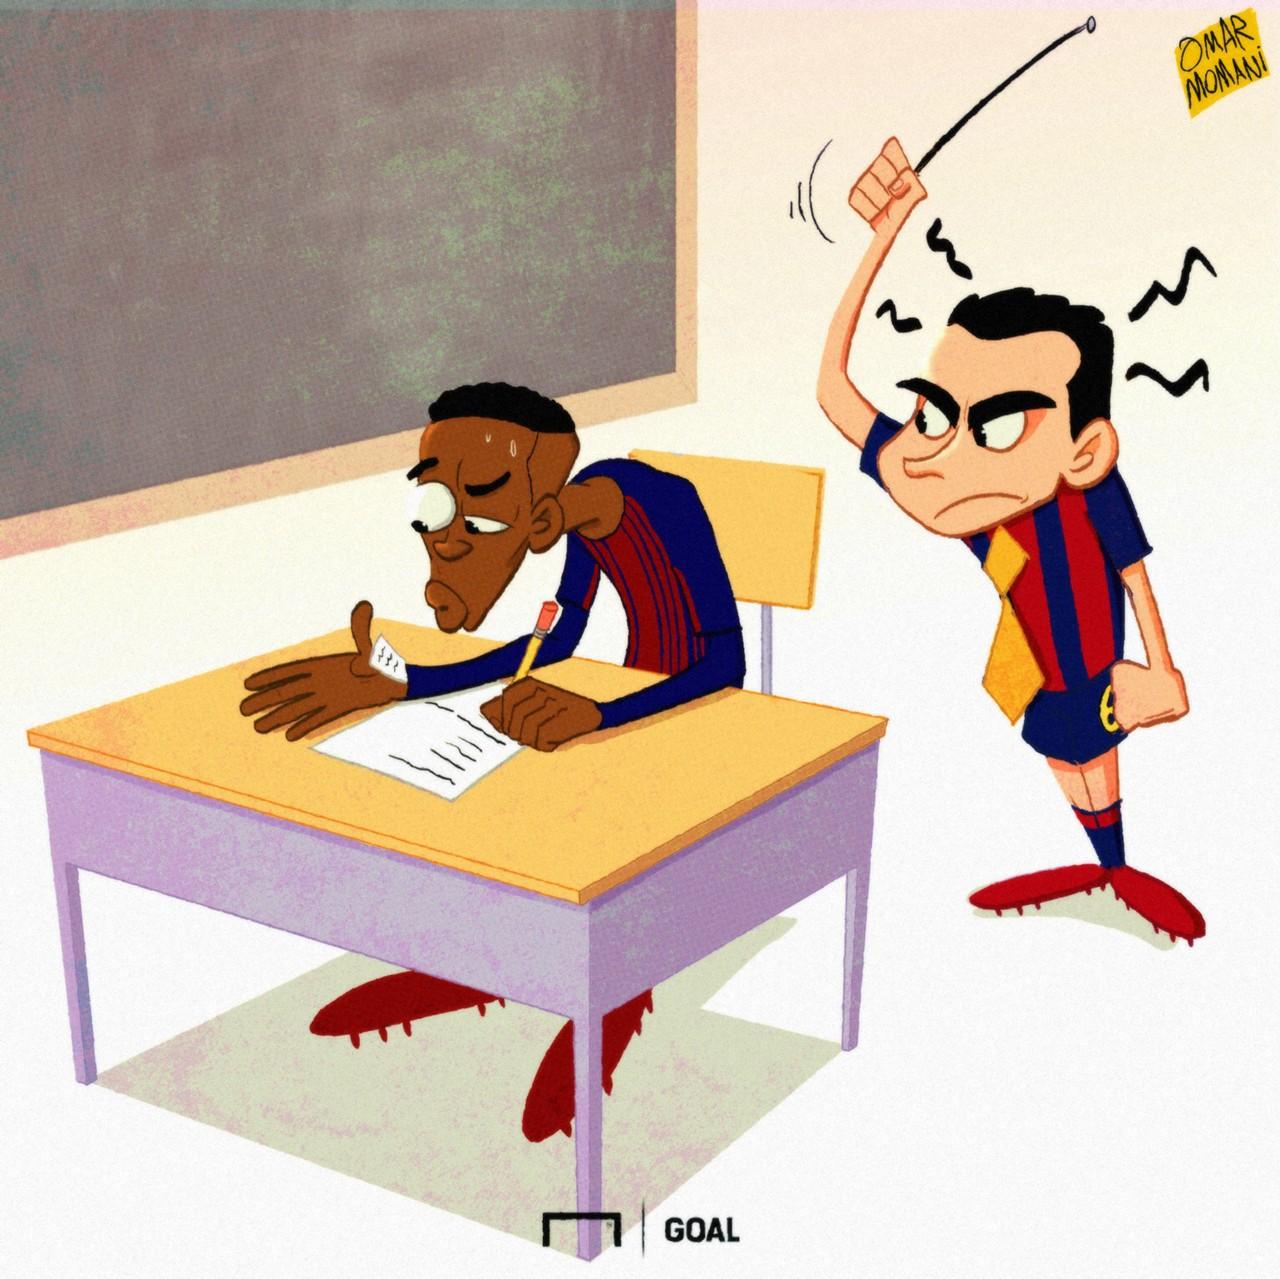 Xavi Ousmane Dembele cartoon